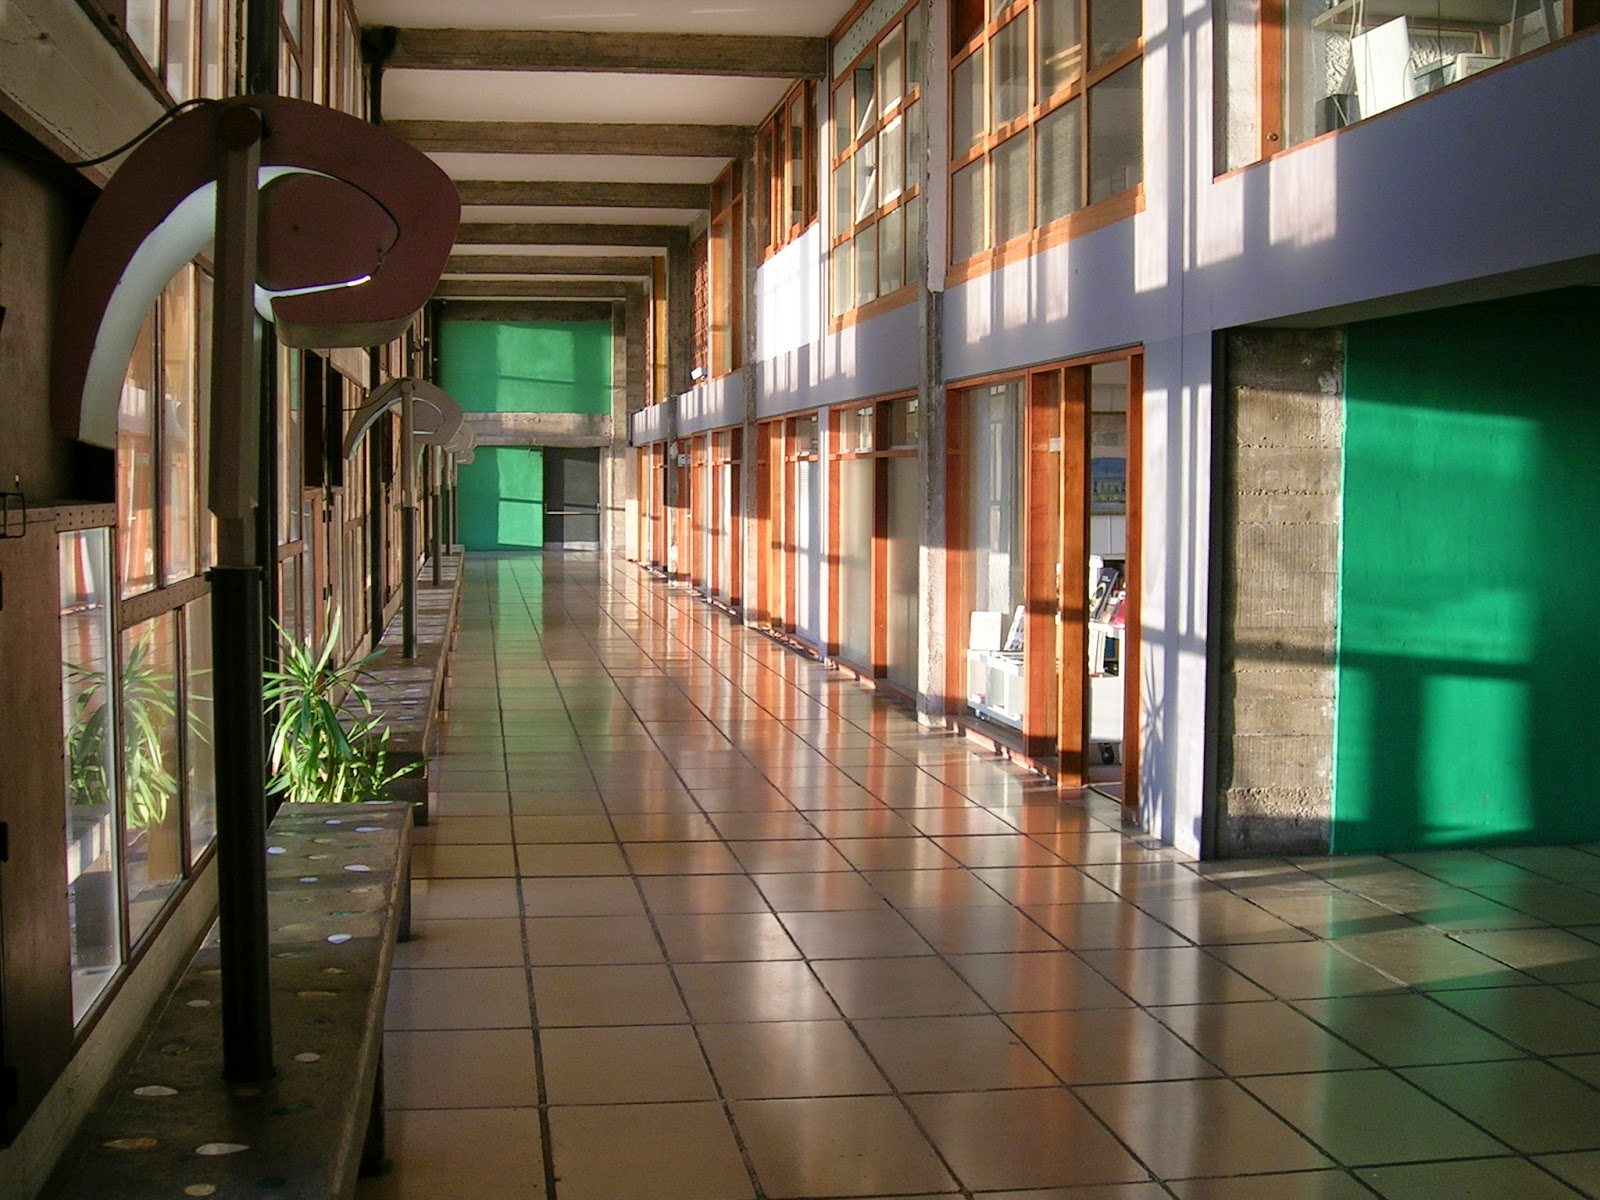 Extrêmement HOME & GARDEN: La Cité Radieuse AJ54